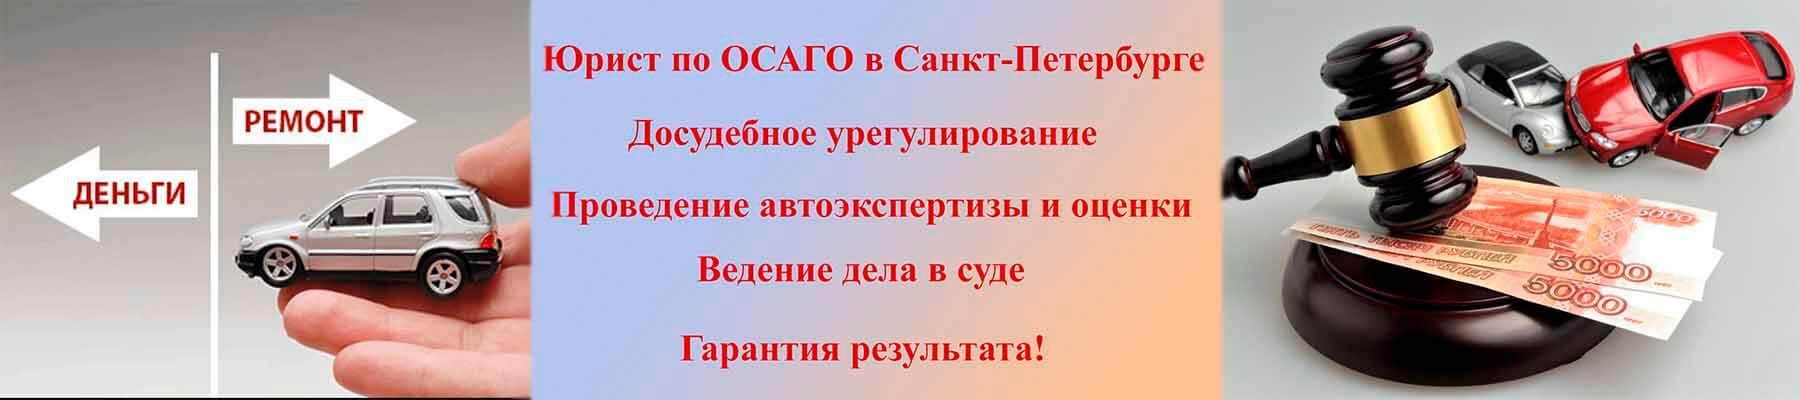 Юристы по ОСАГО в СПб